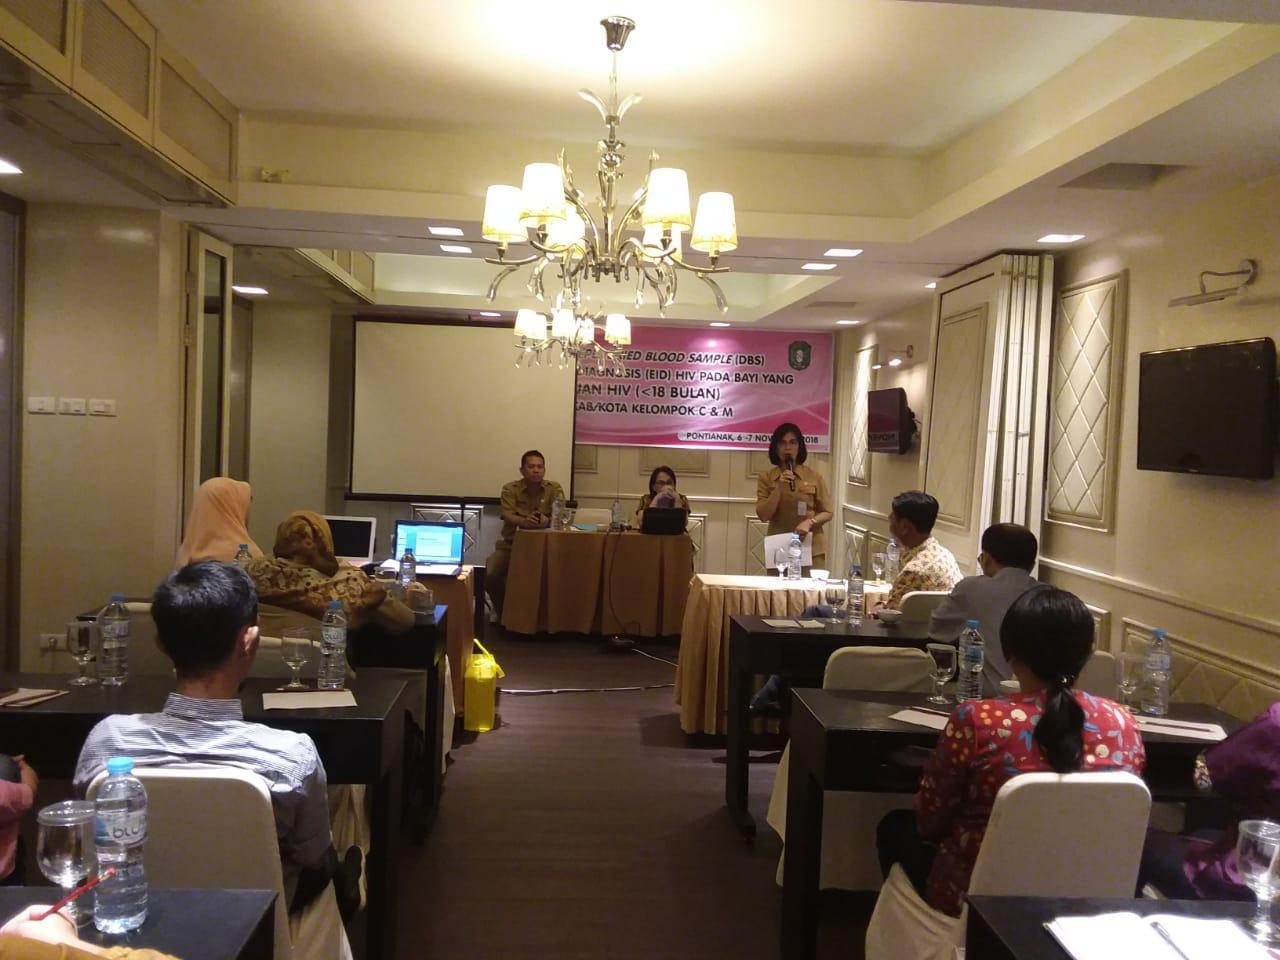 Kegiatan Workshop Prepasari Sampel Dried Blood Sample ( DBS )